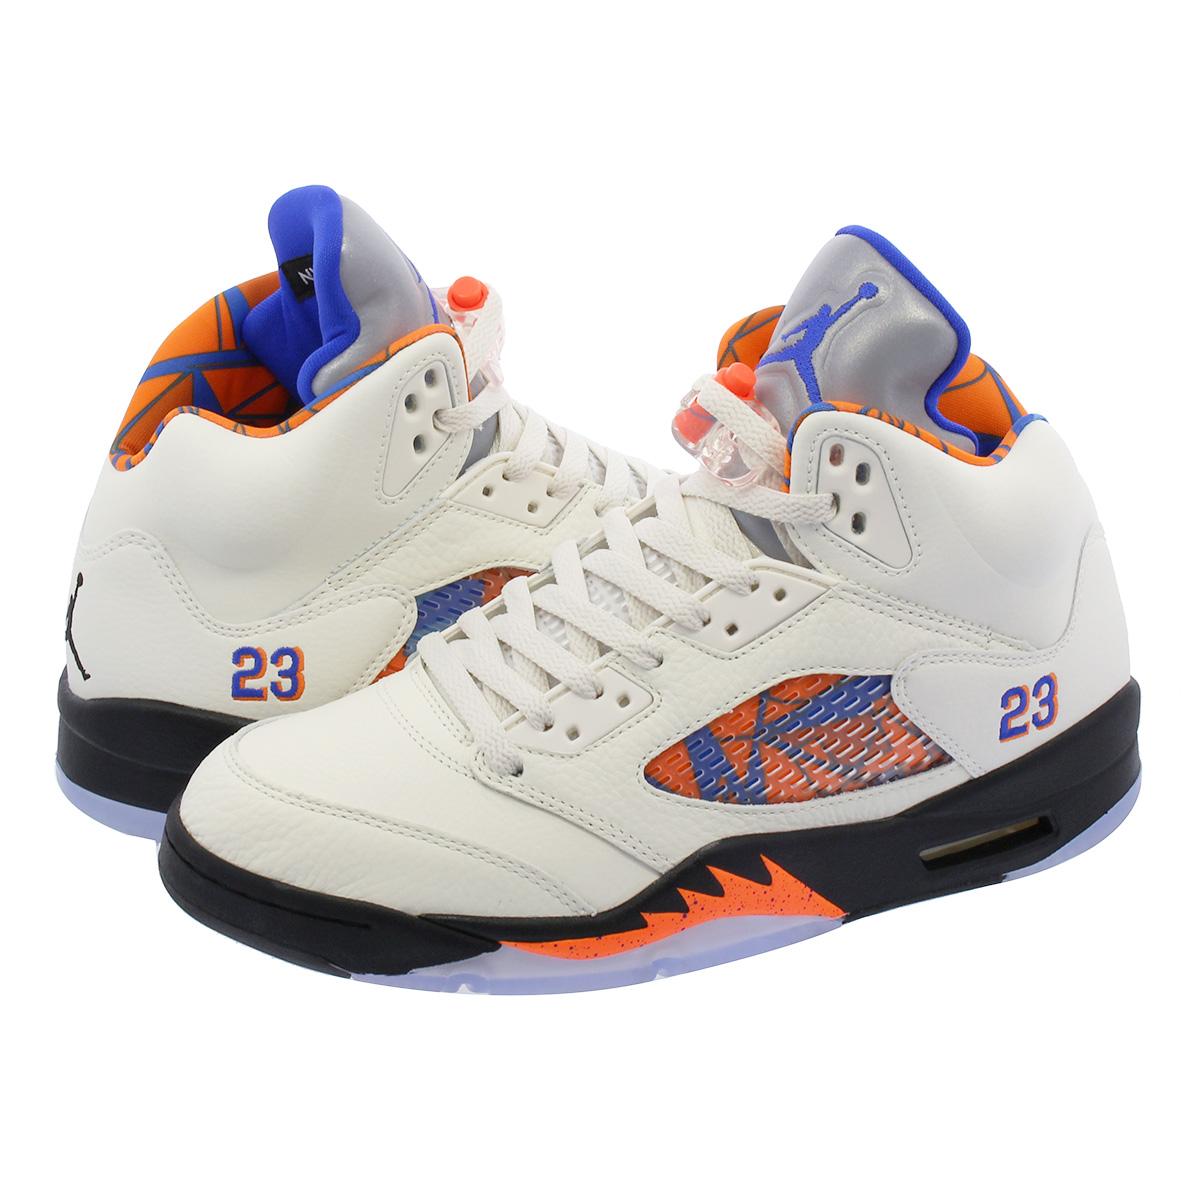 best sneakers 6c578 85861 NIKE AIR JORDAN 5 RETRO Nike Air Jordan 5 nostalgic SAIL/RACER  BLUE/CONE/BLACK 136,027-148